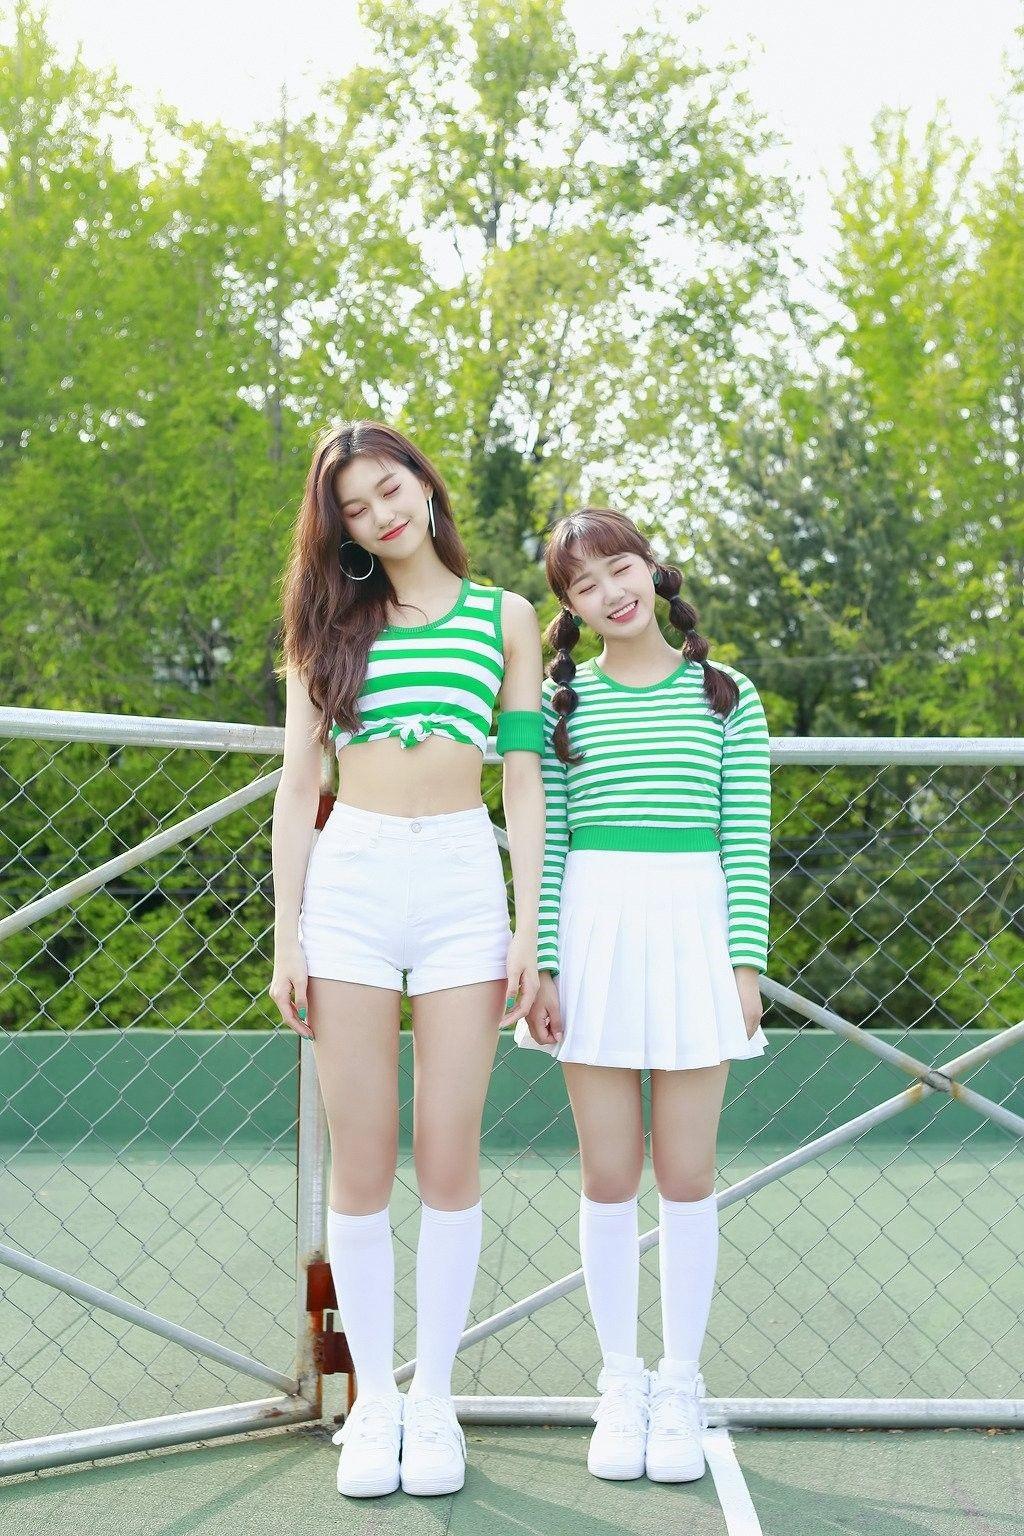 Kpop hiếm có cặp đôi bách hợp nào được các fan ghép đôi mãnh liệt như thế này - Ảnh 6.